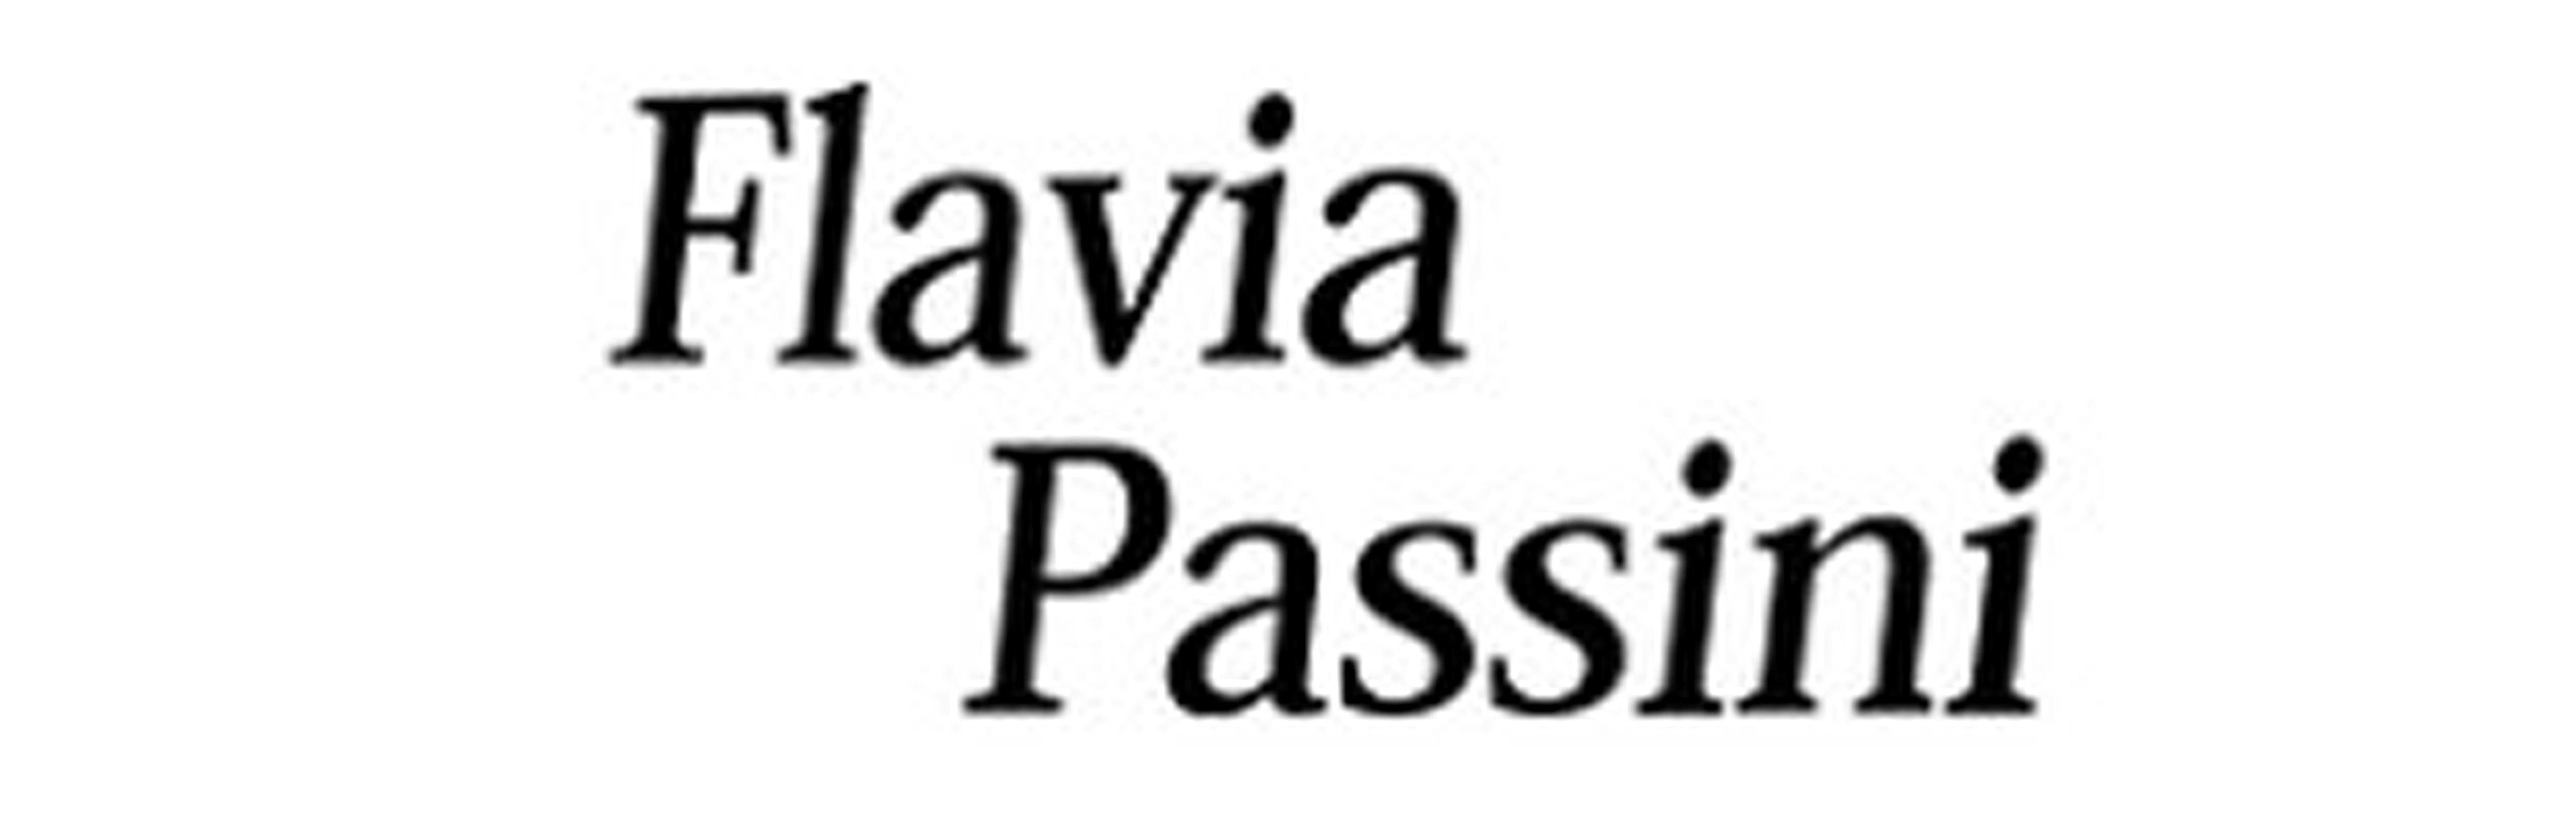 Flavia Passini